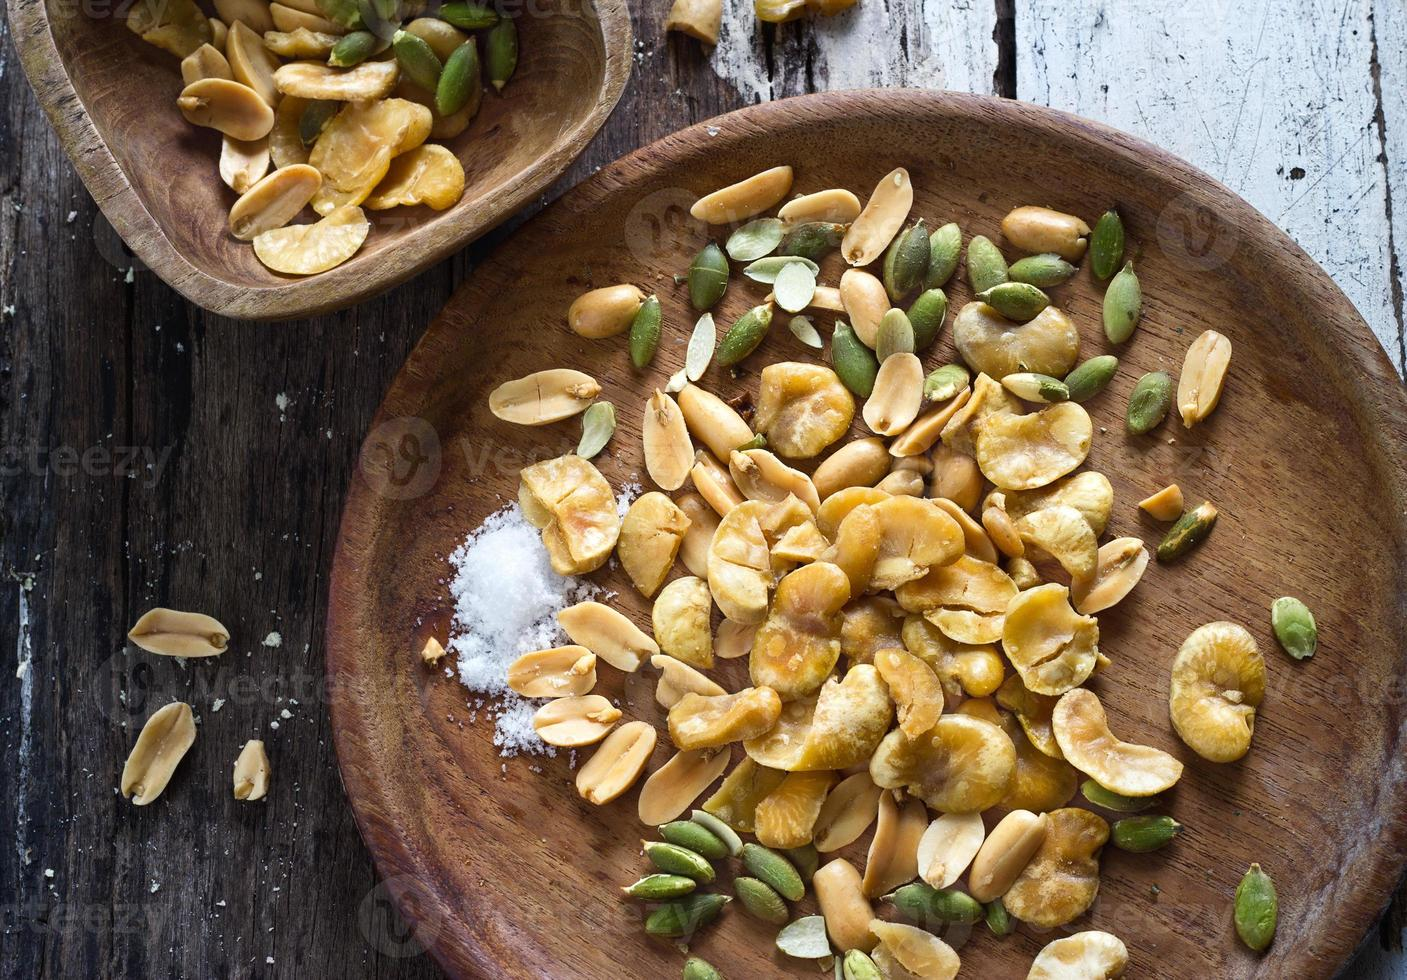 collation de haricots grillés et salée sur un bol en bois photo